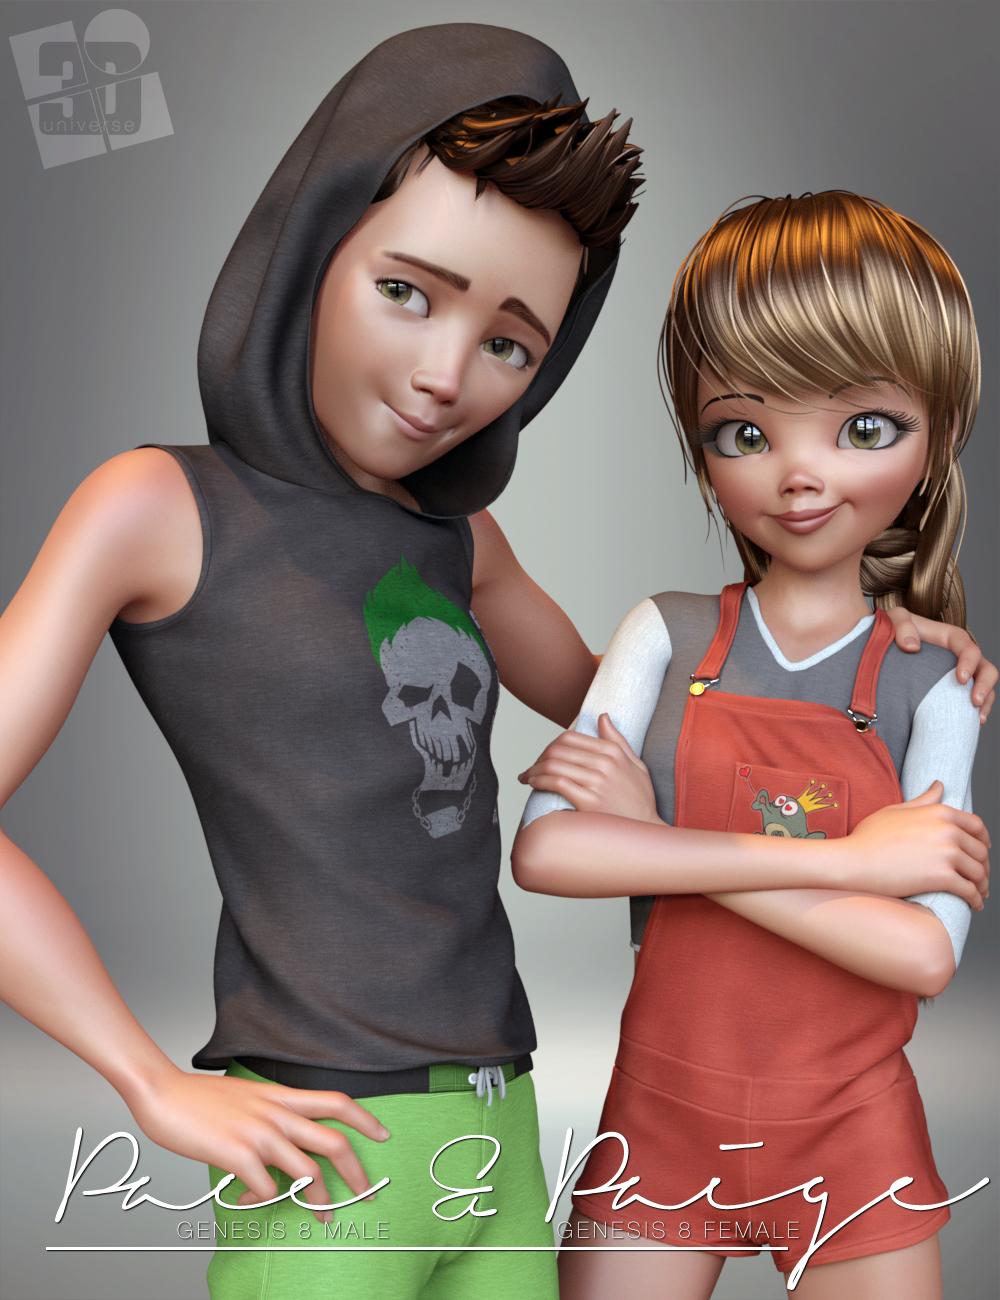 Paige and Pace Mega Bundle by: 3D Universe, 3D Models by Daz 3D